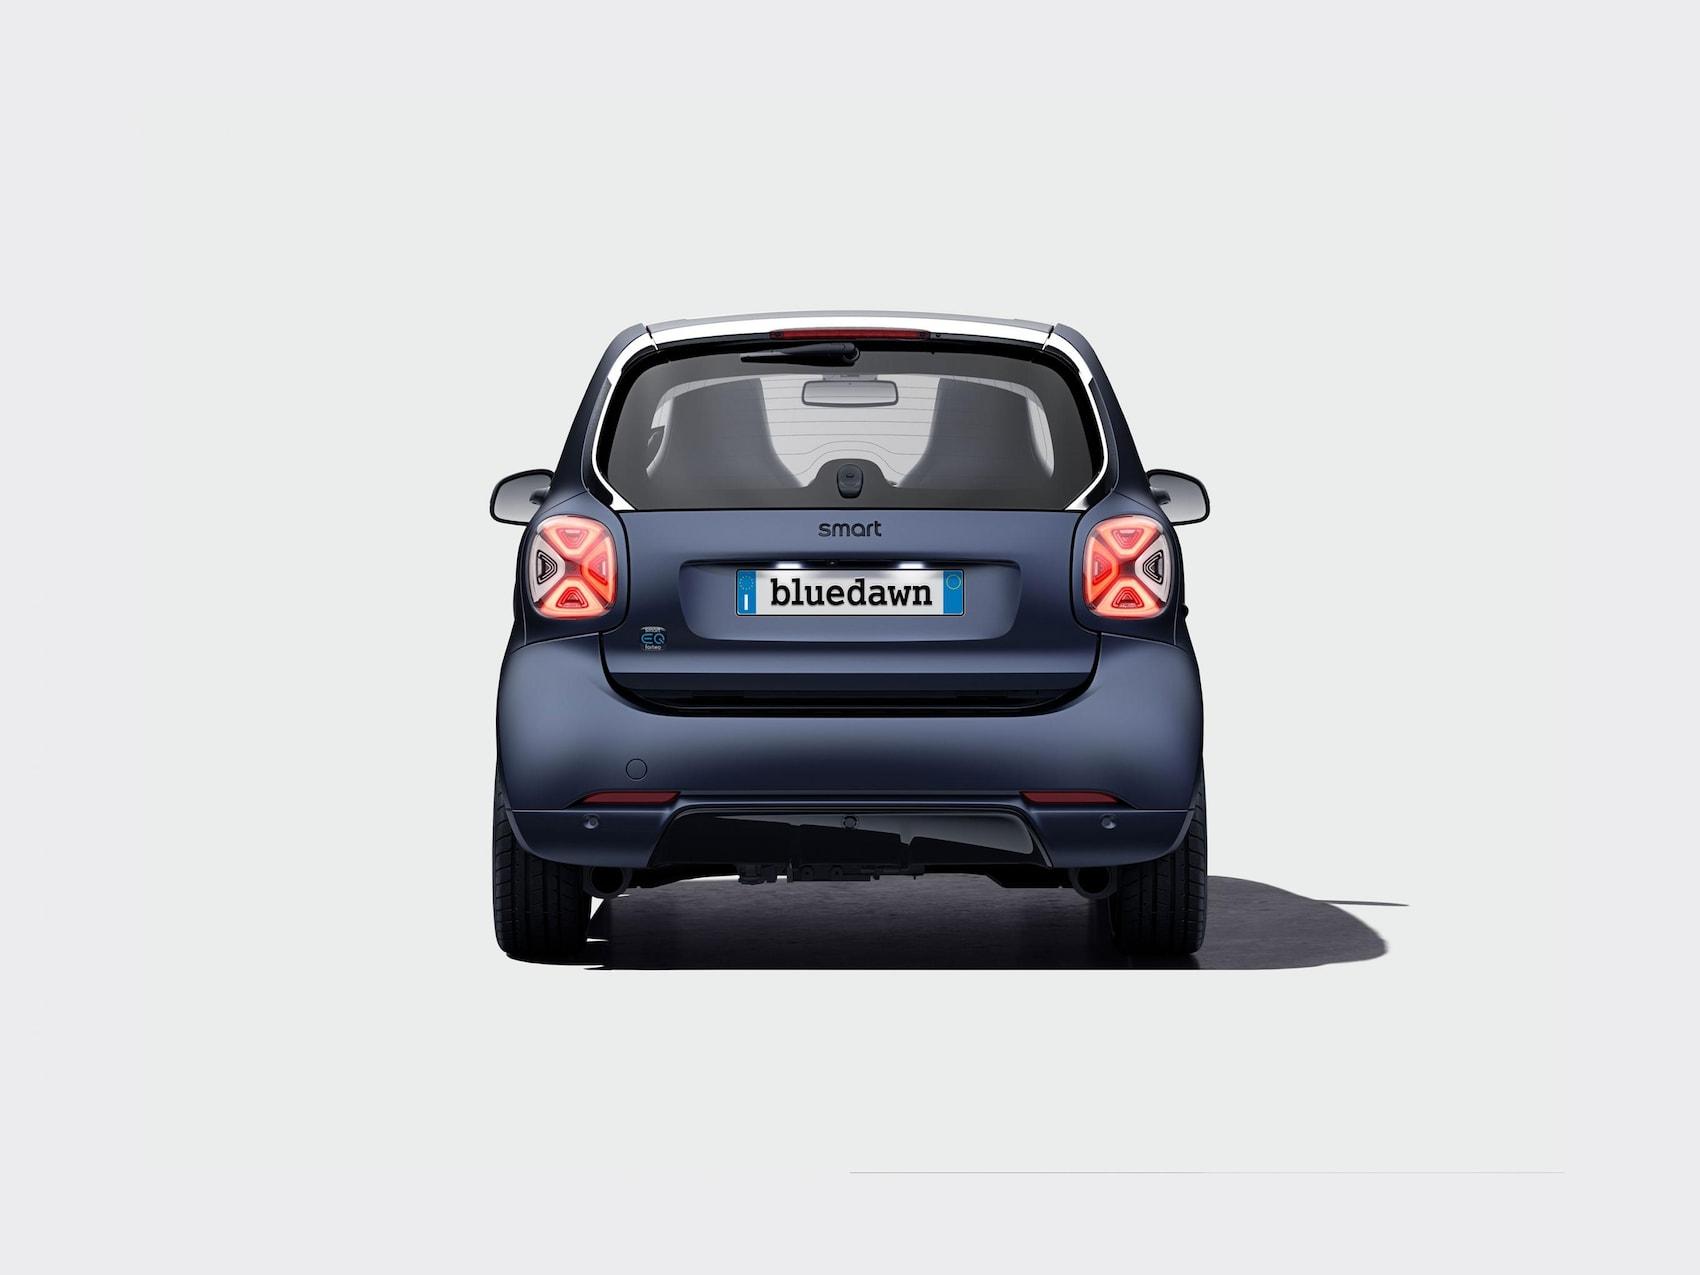 Vista posteriore della smart EQ fortwo Bluedawn